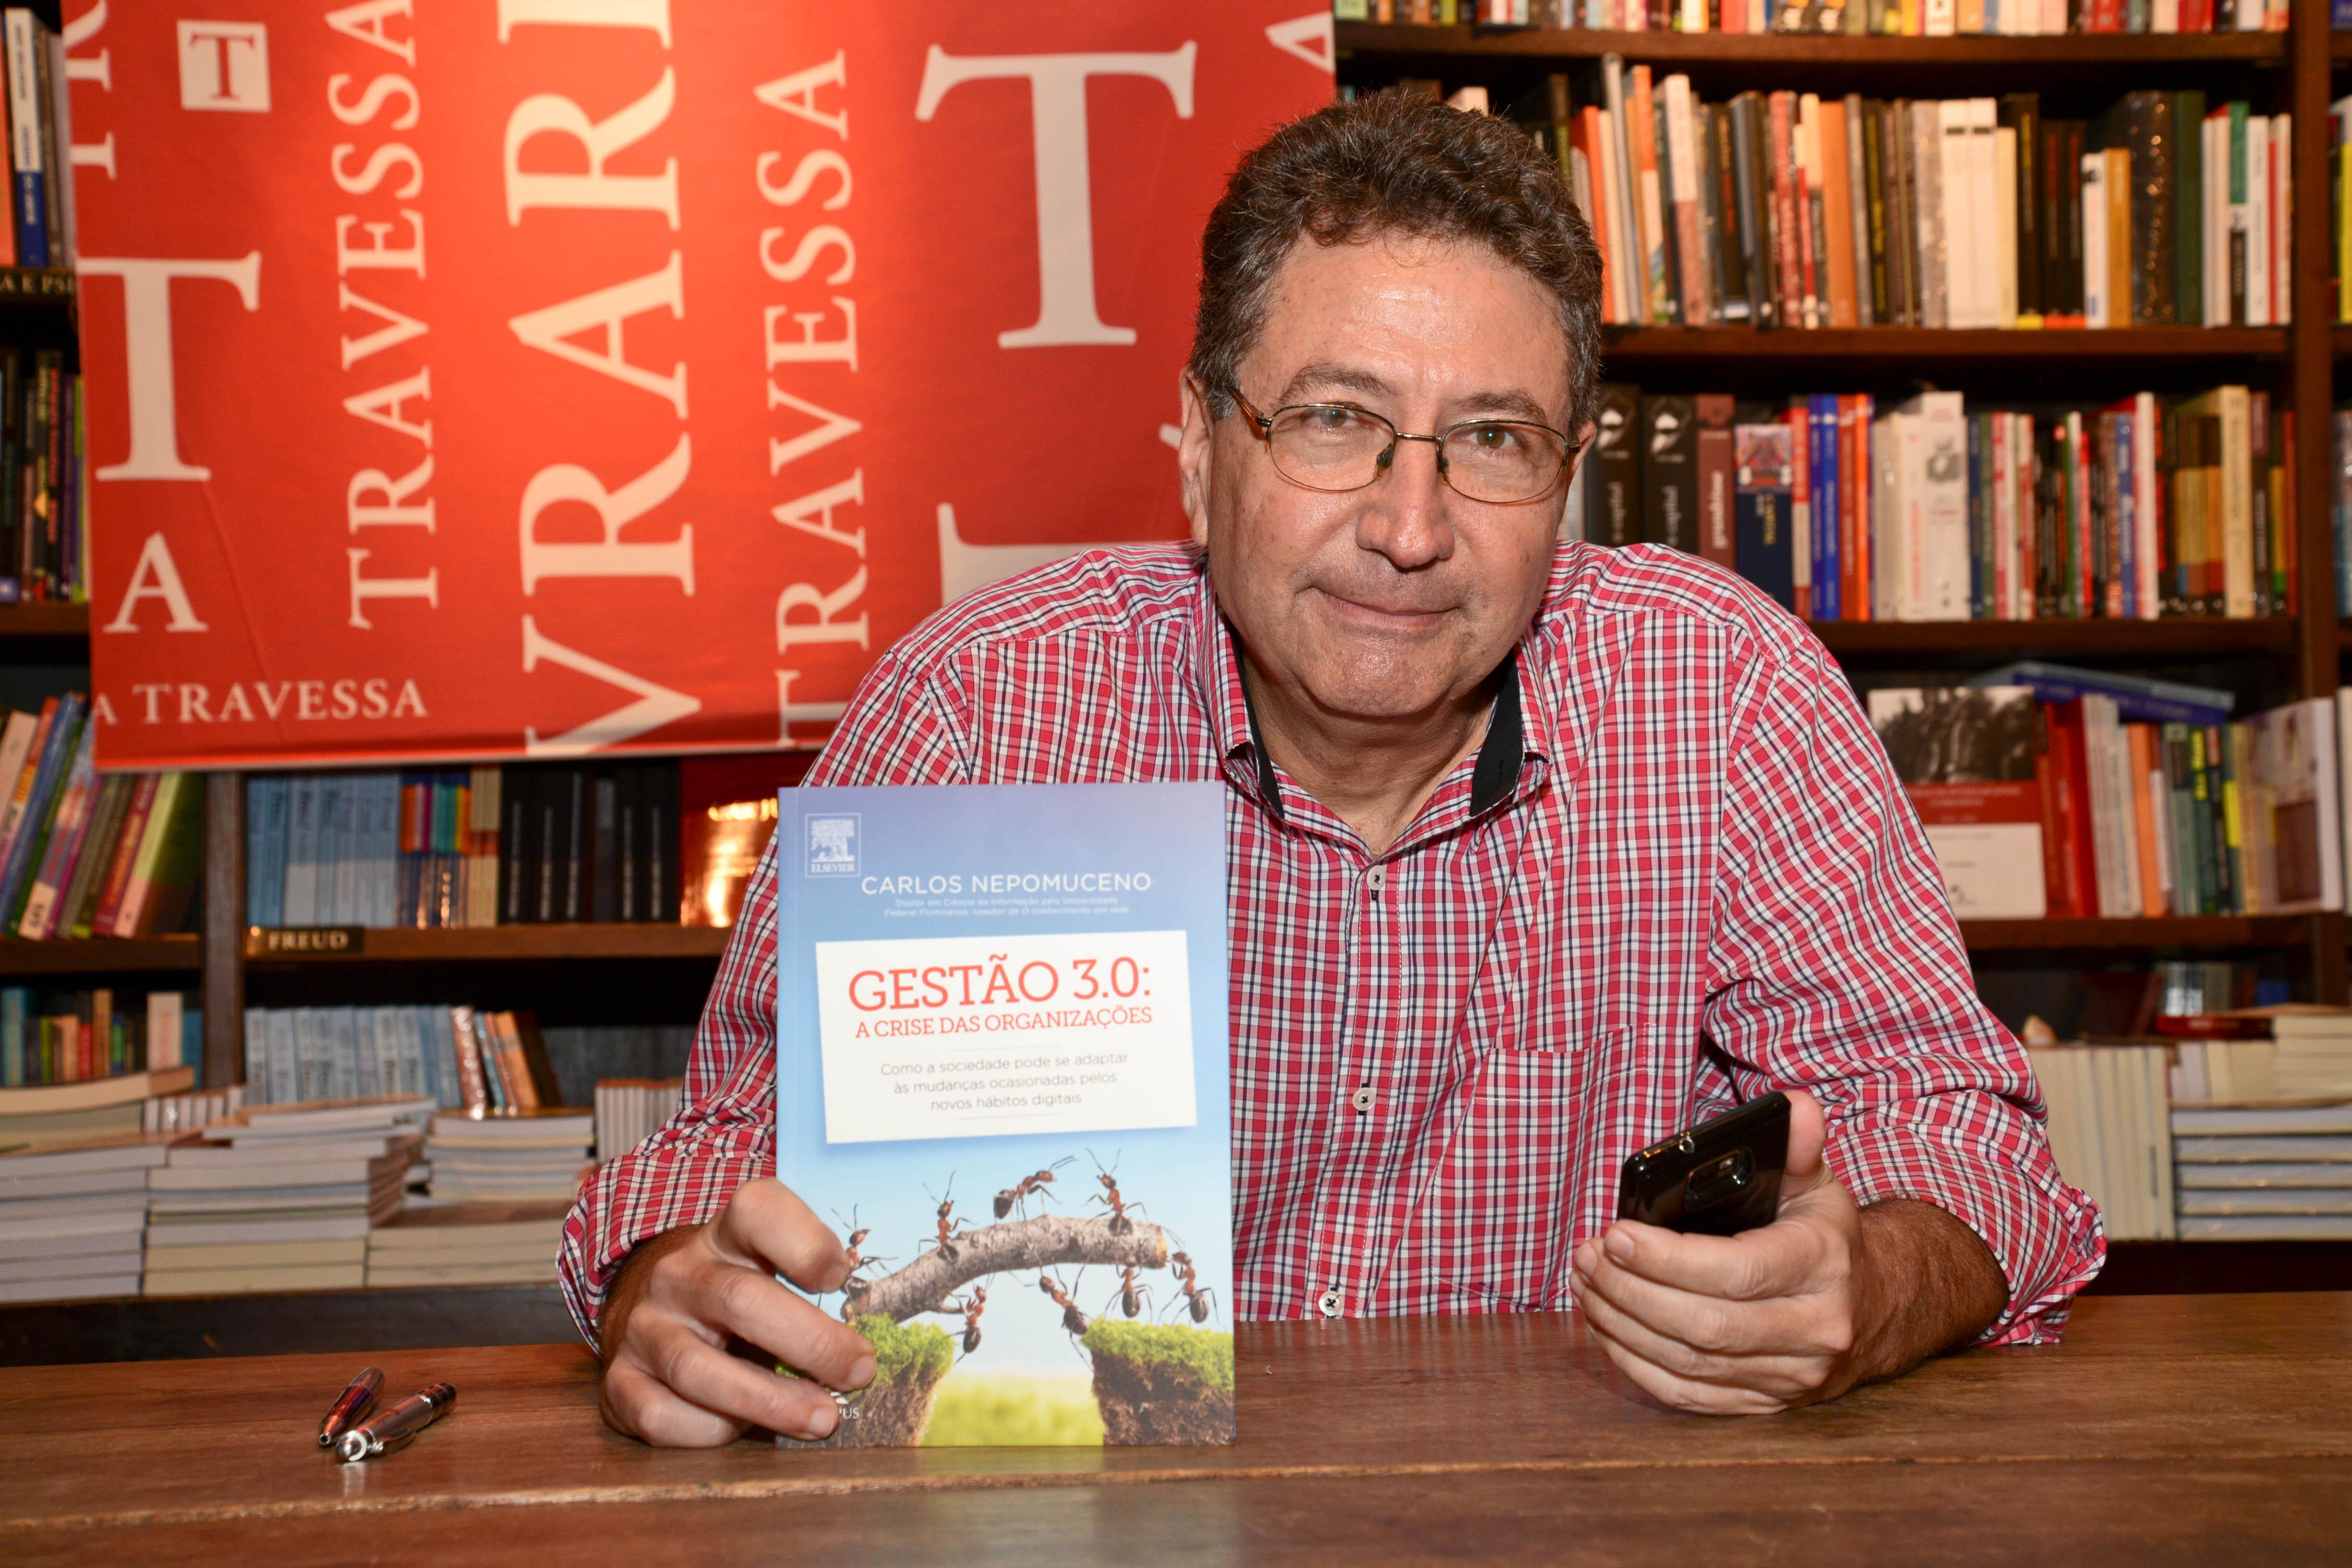 06Ago2013 - Lanç livro Gestão 3.0 - fotos Vanor Correia-7386